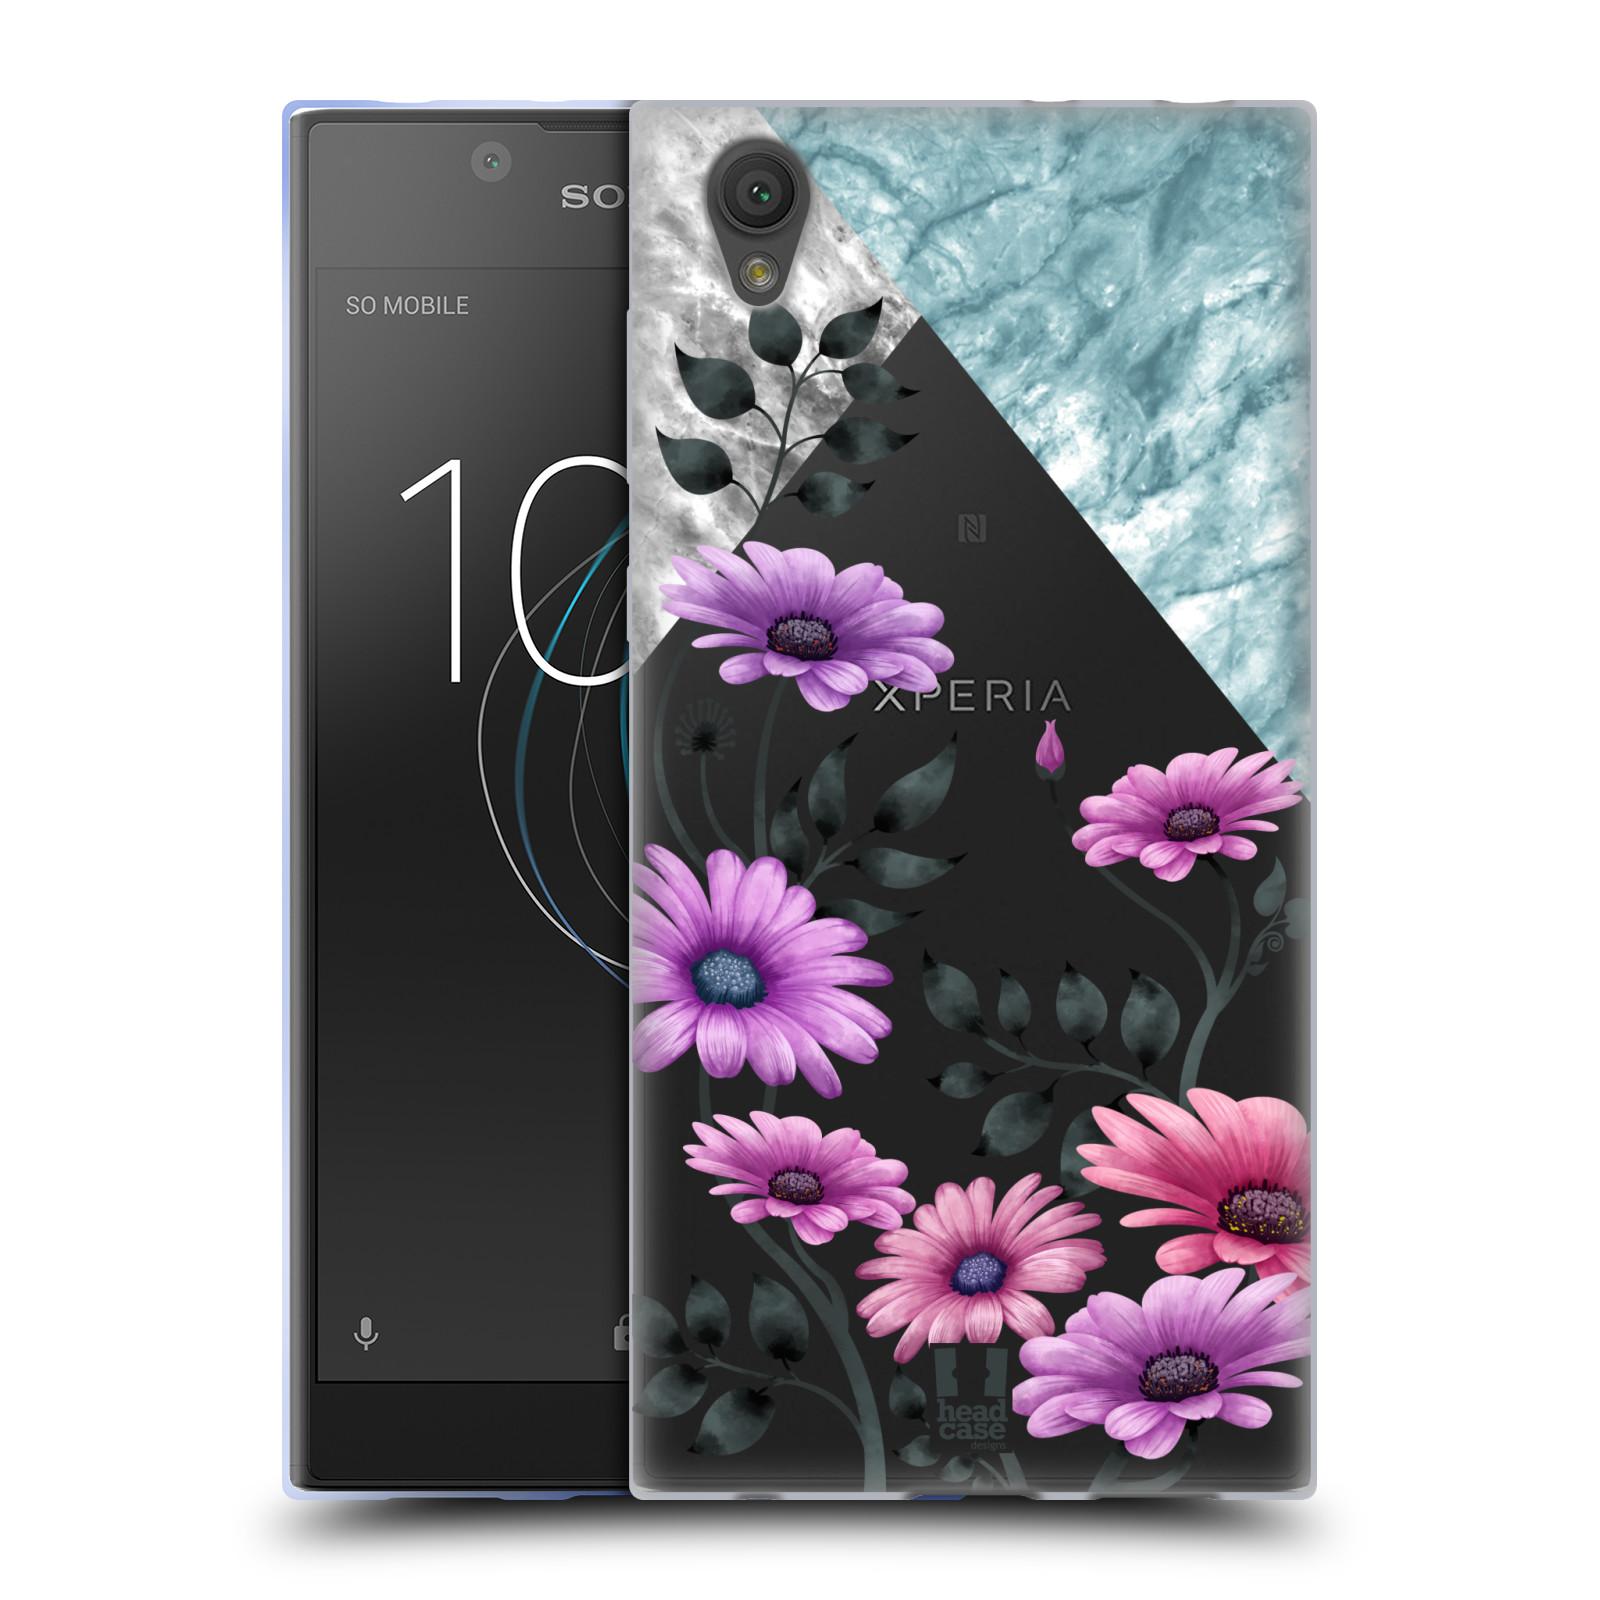 HEAD CASE silikonový obal na mobil Sony Xperia L1 květiny hvězdnice, Aster fialová a modrá